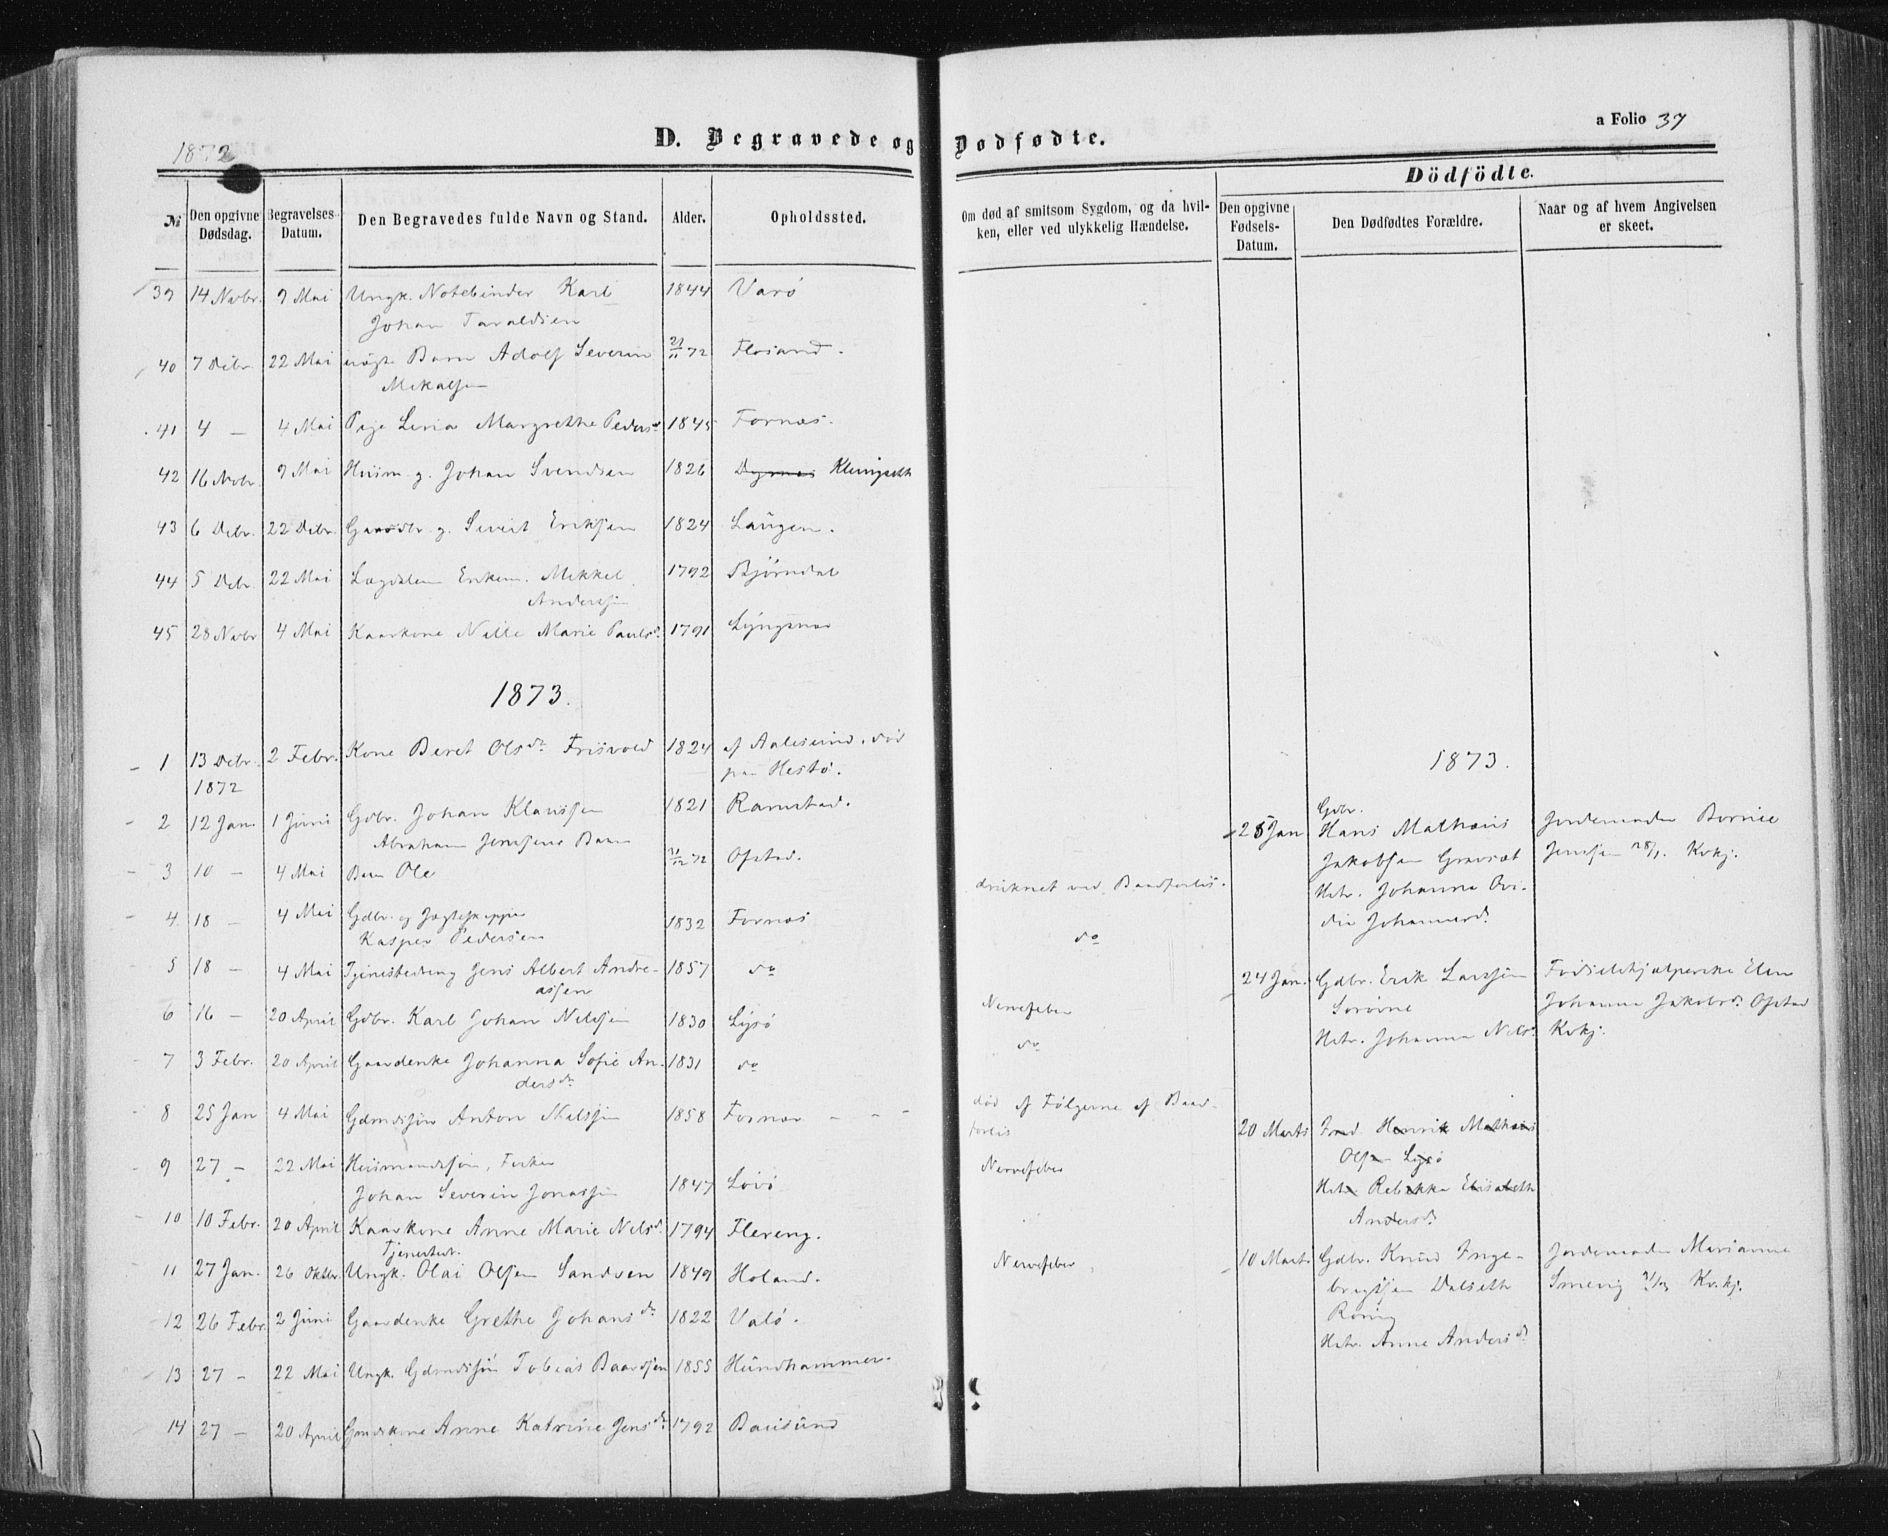 SAT, Ministerialprotokoller, klokkerbøker og fødselsregistre - Nord-Trøndelag, 784/L0670: Ministerialbok nr. 784A05, 1860-1876, s. 37